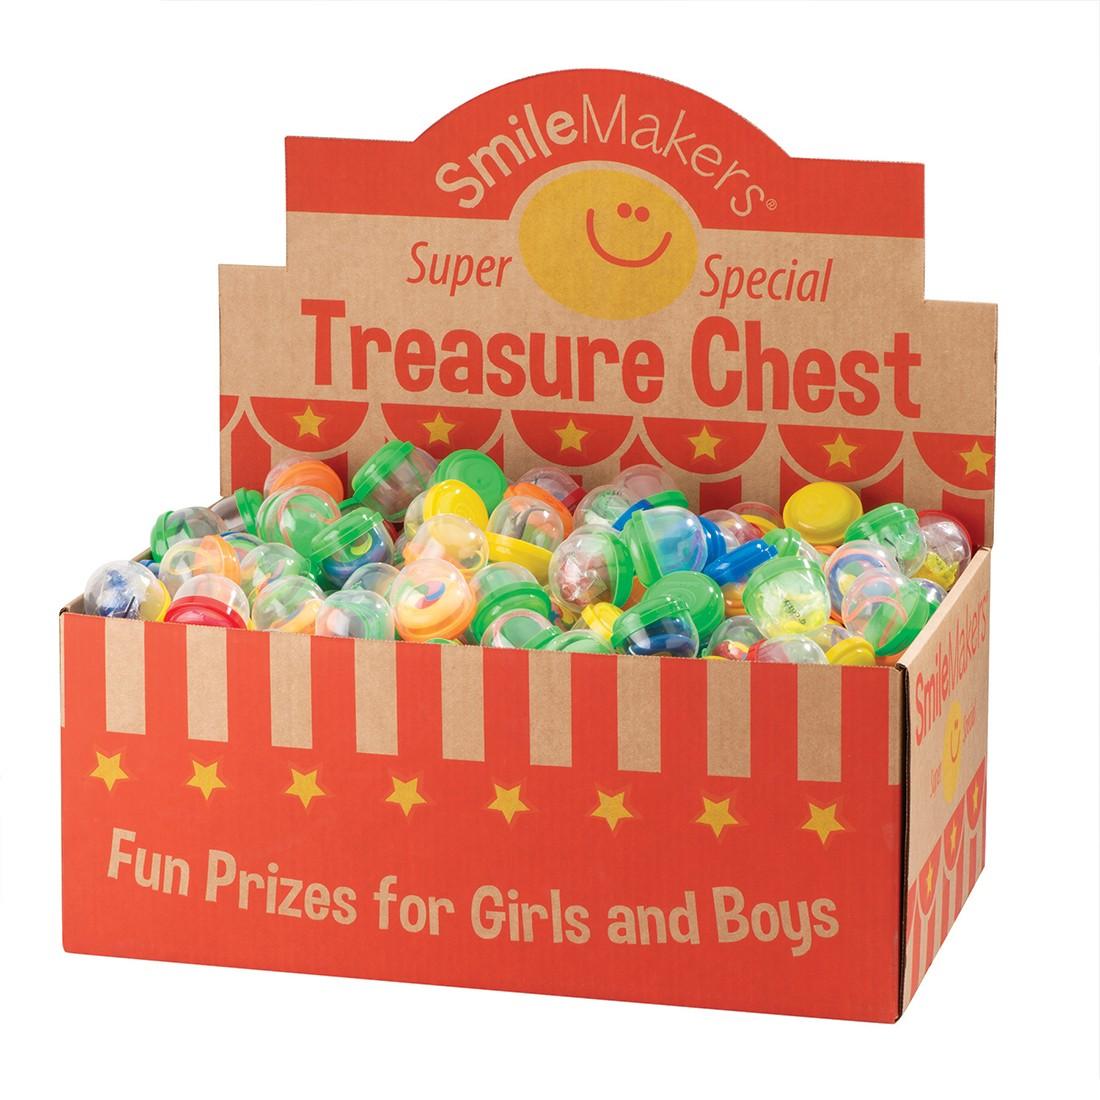 Capsule Treasure Chest [image]